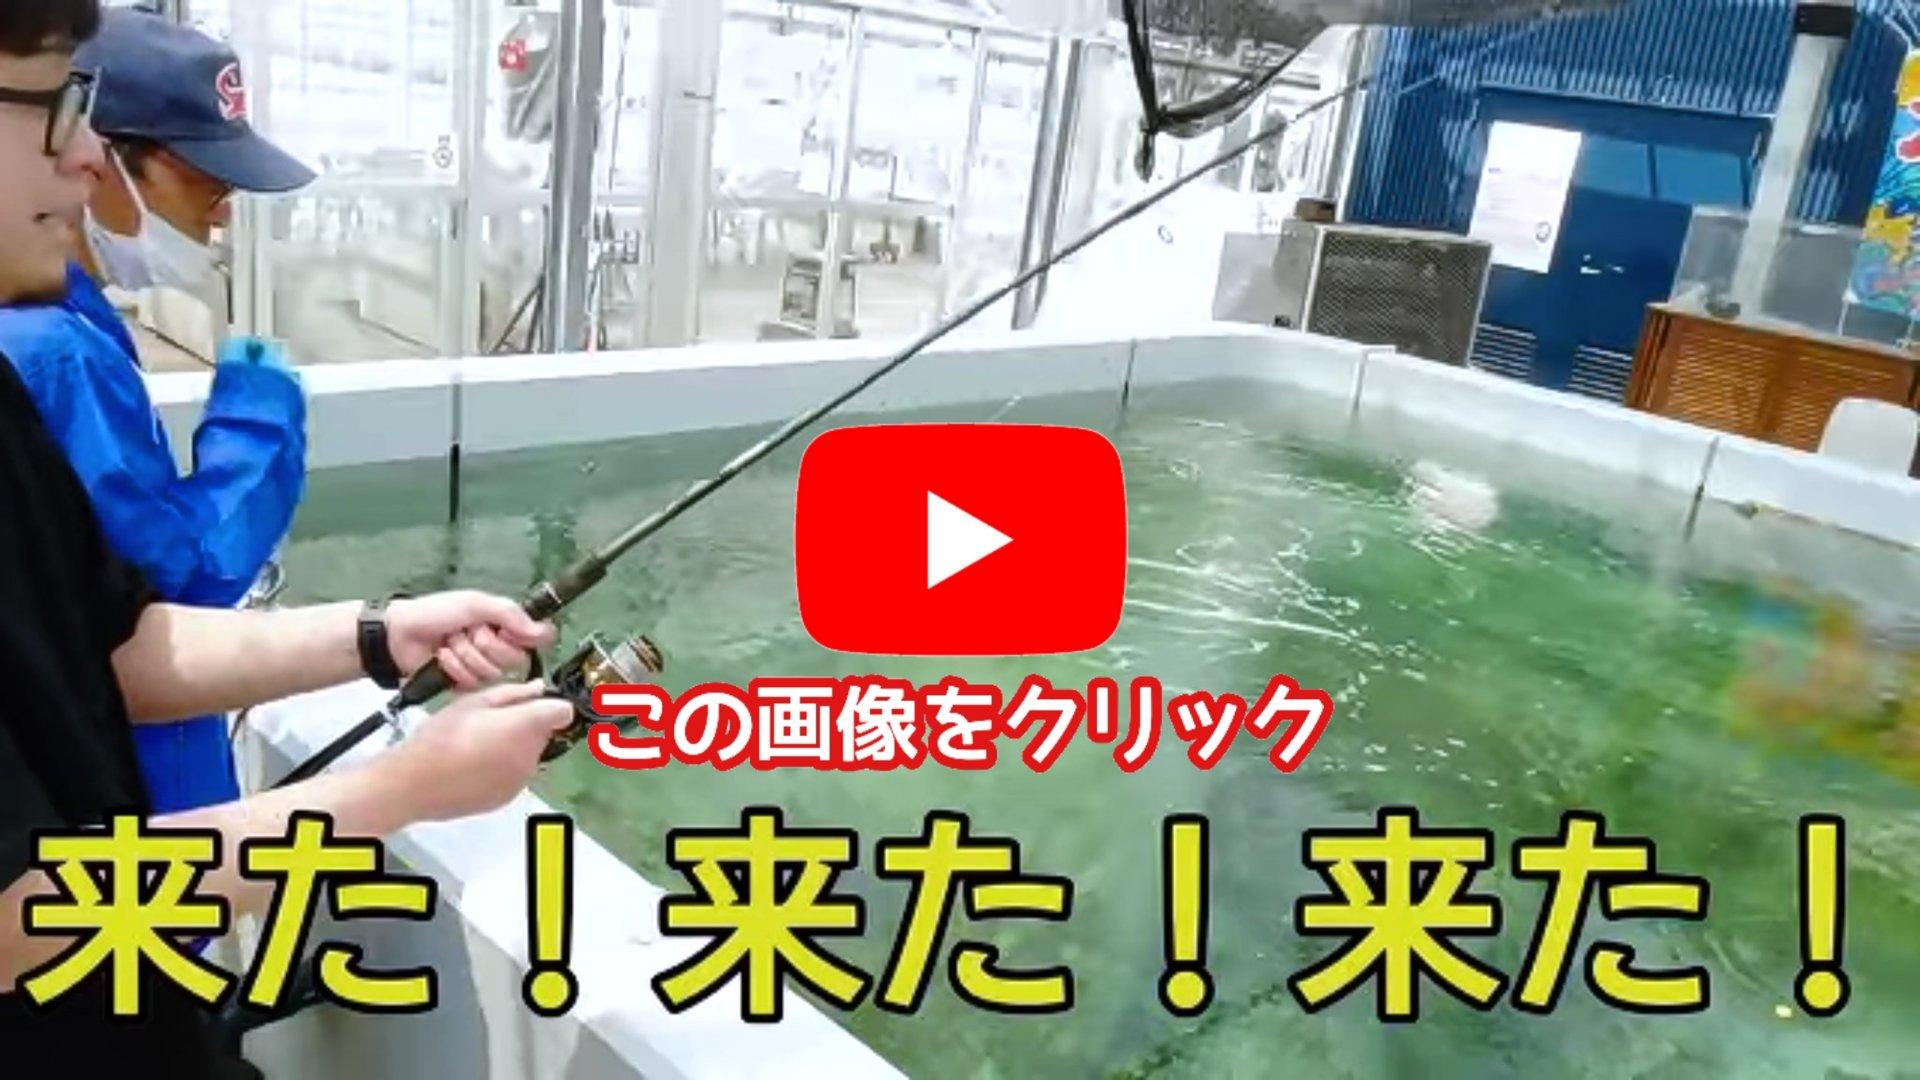 【釣ってみんでフィッシング】釣って食べる体験施設